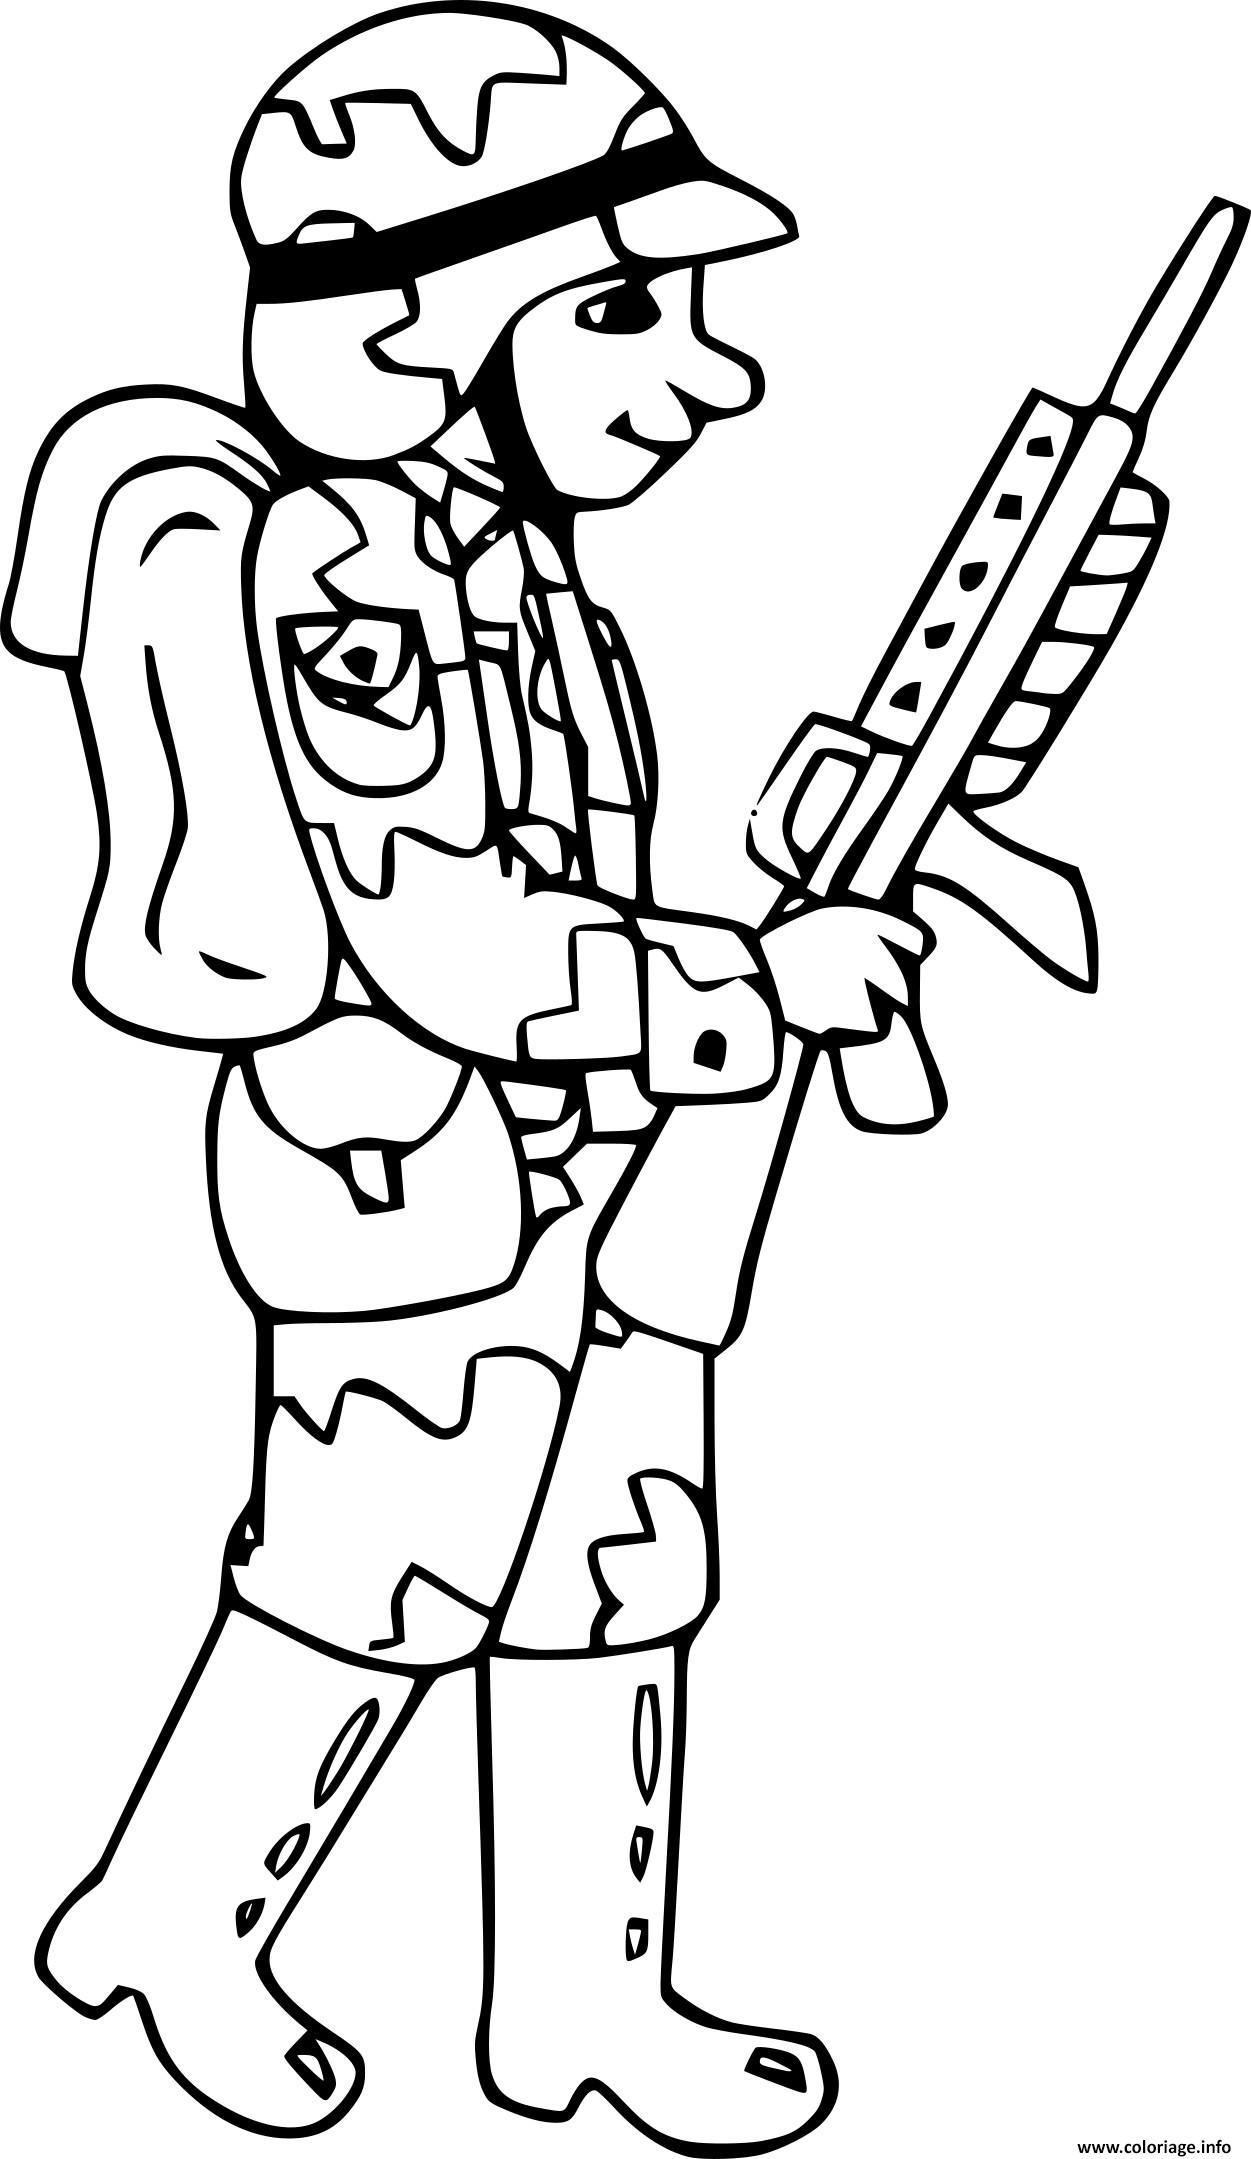 Dessin soldat avec fusil de precision Coloriage Gratuit à Imprimer